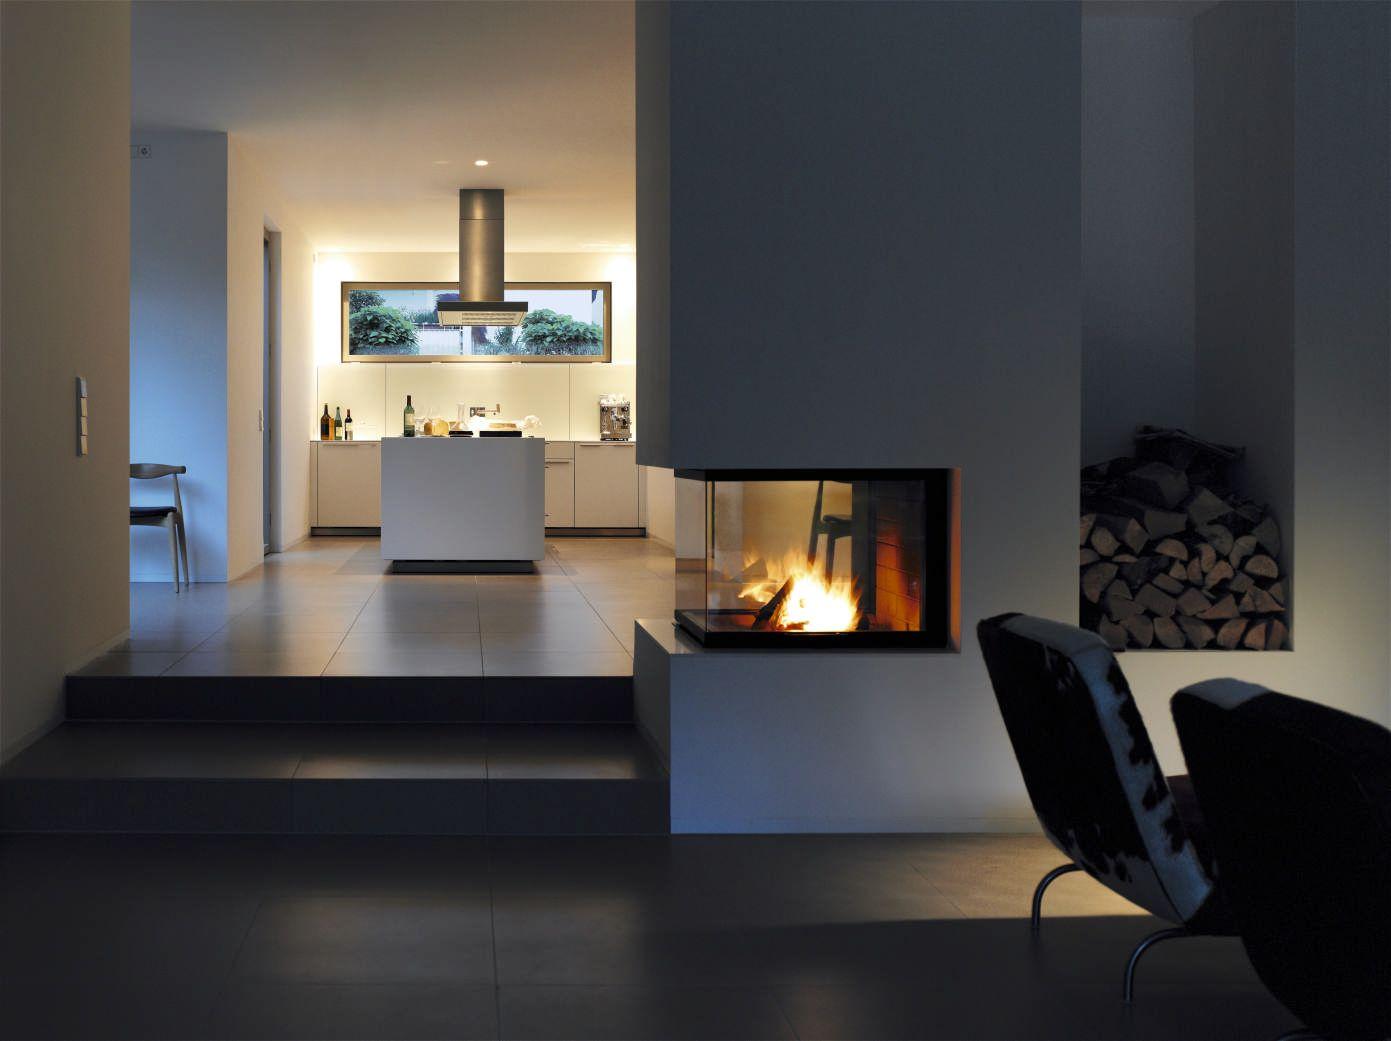 kitchen fireplace | Kamine | Pinterest | Wohnbereich, Einrichtung ...